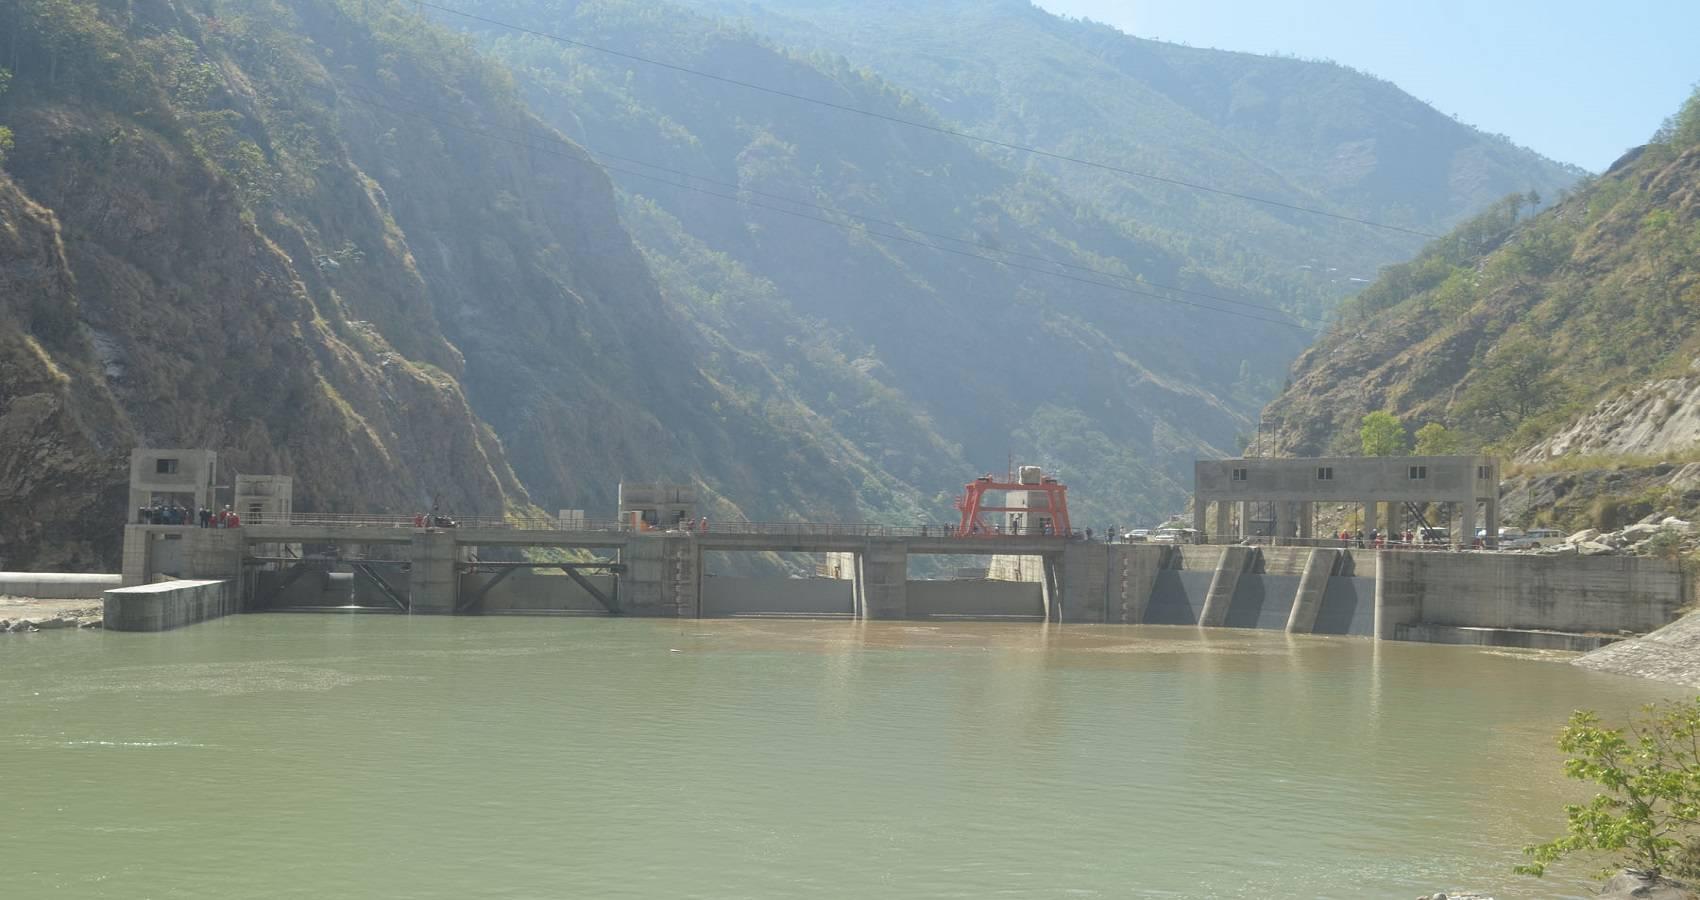 त्रिशूली एक जलविद्युतमा नौ संस्थाले ५१ अर्ब लगानी गर्ने